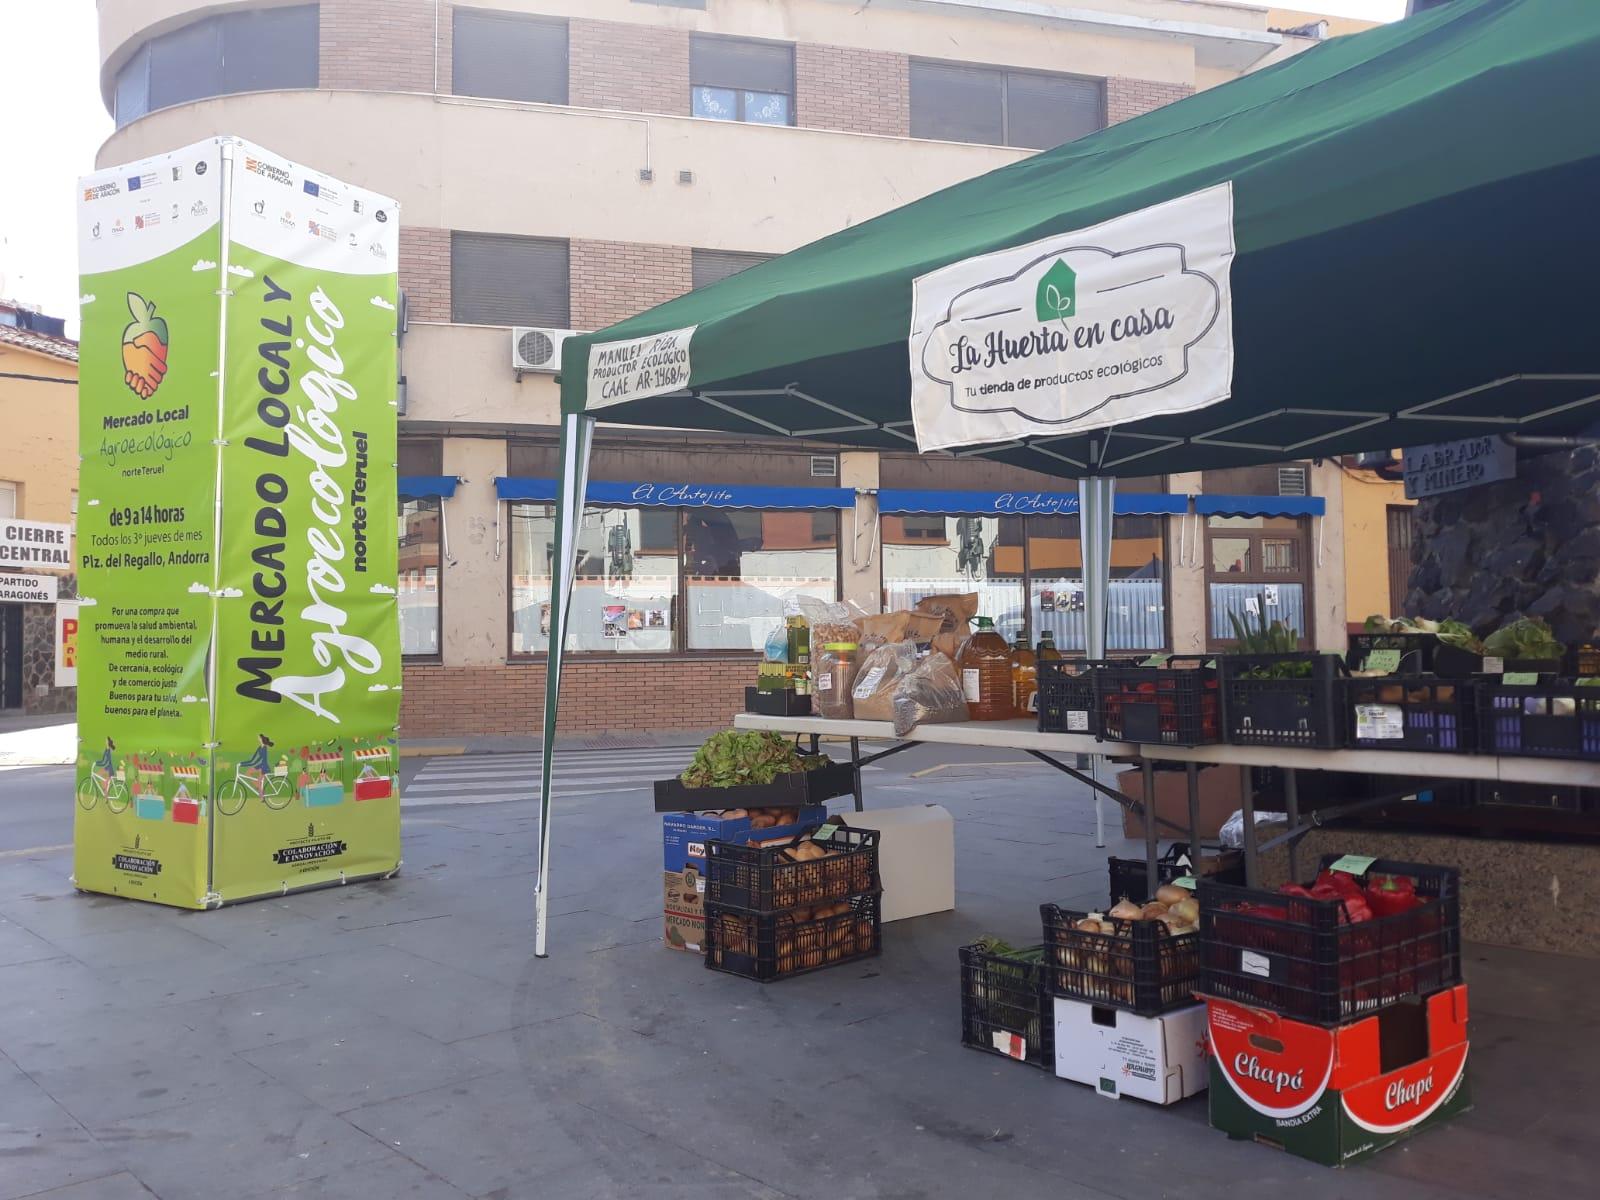 La huerta en casa - Mercado Agroecológico Teruel